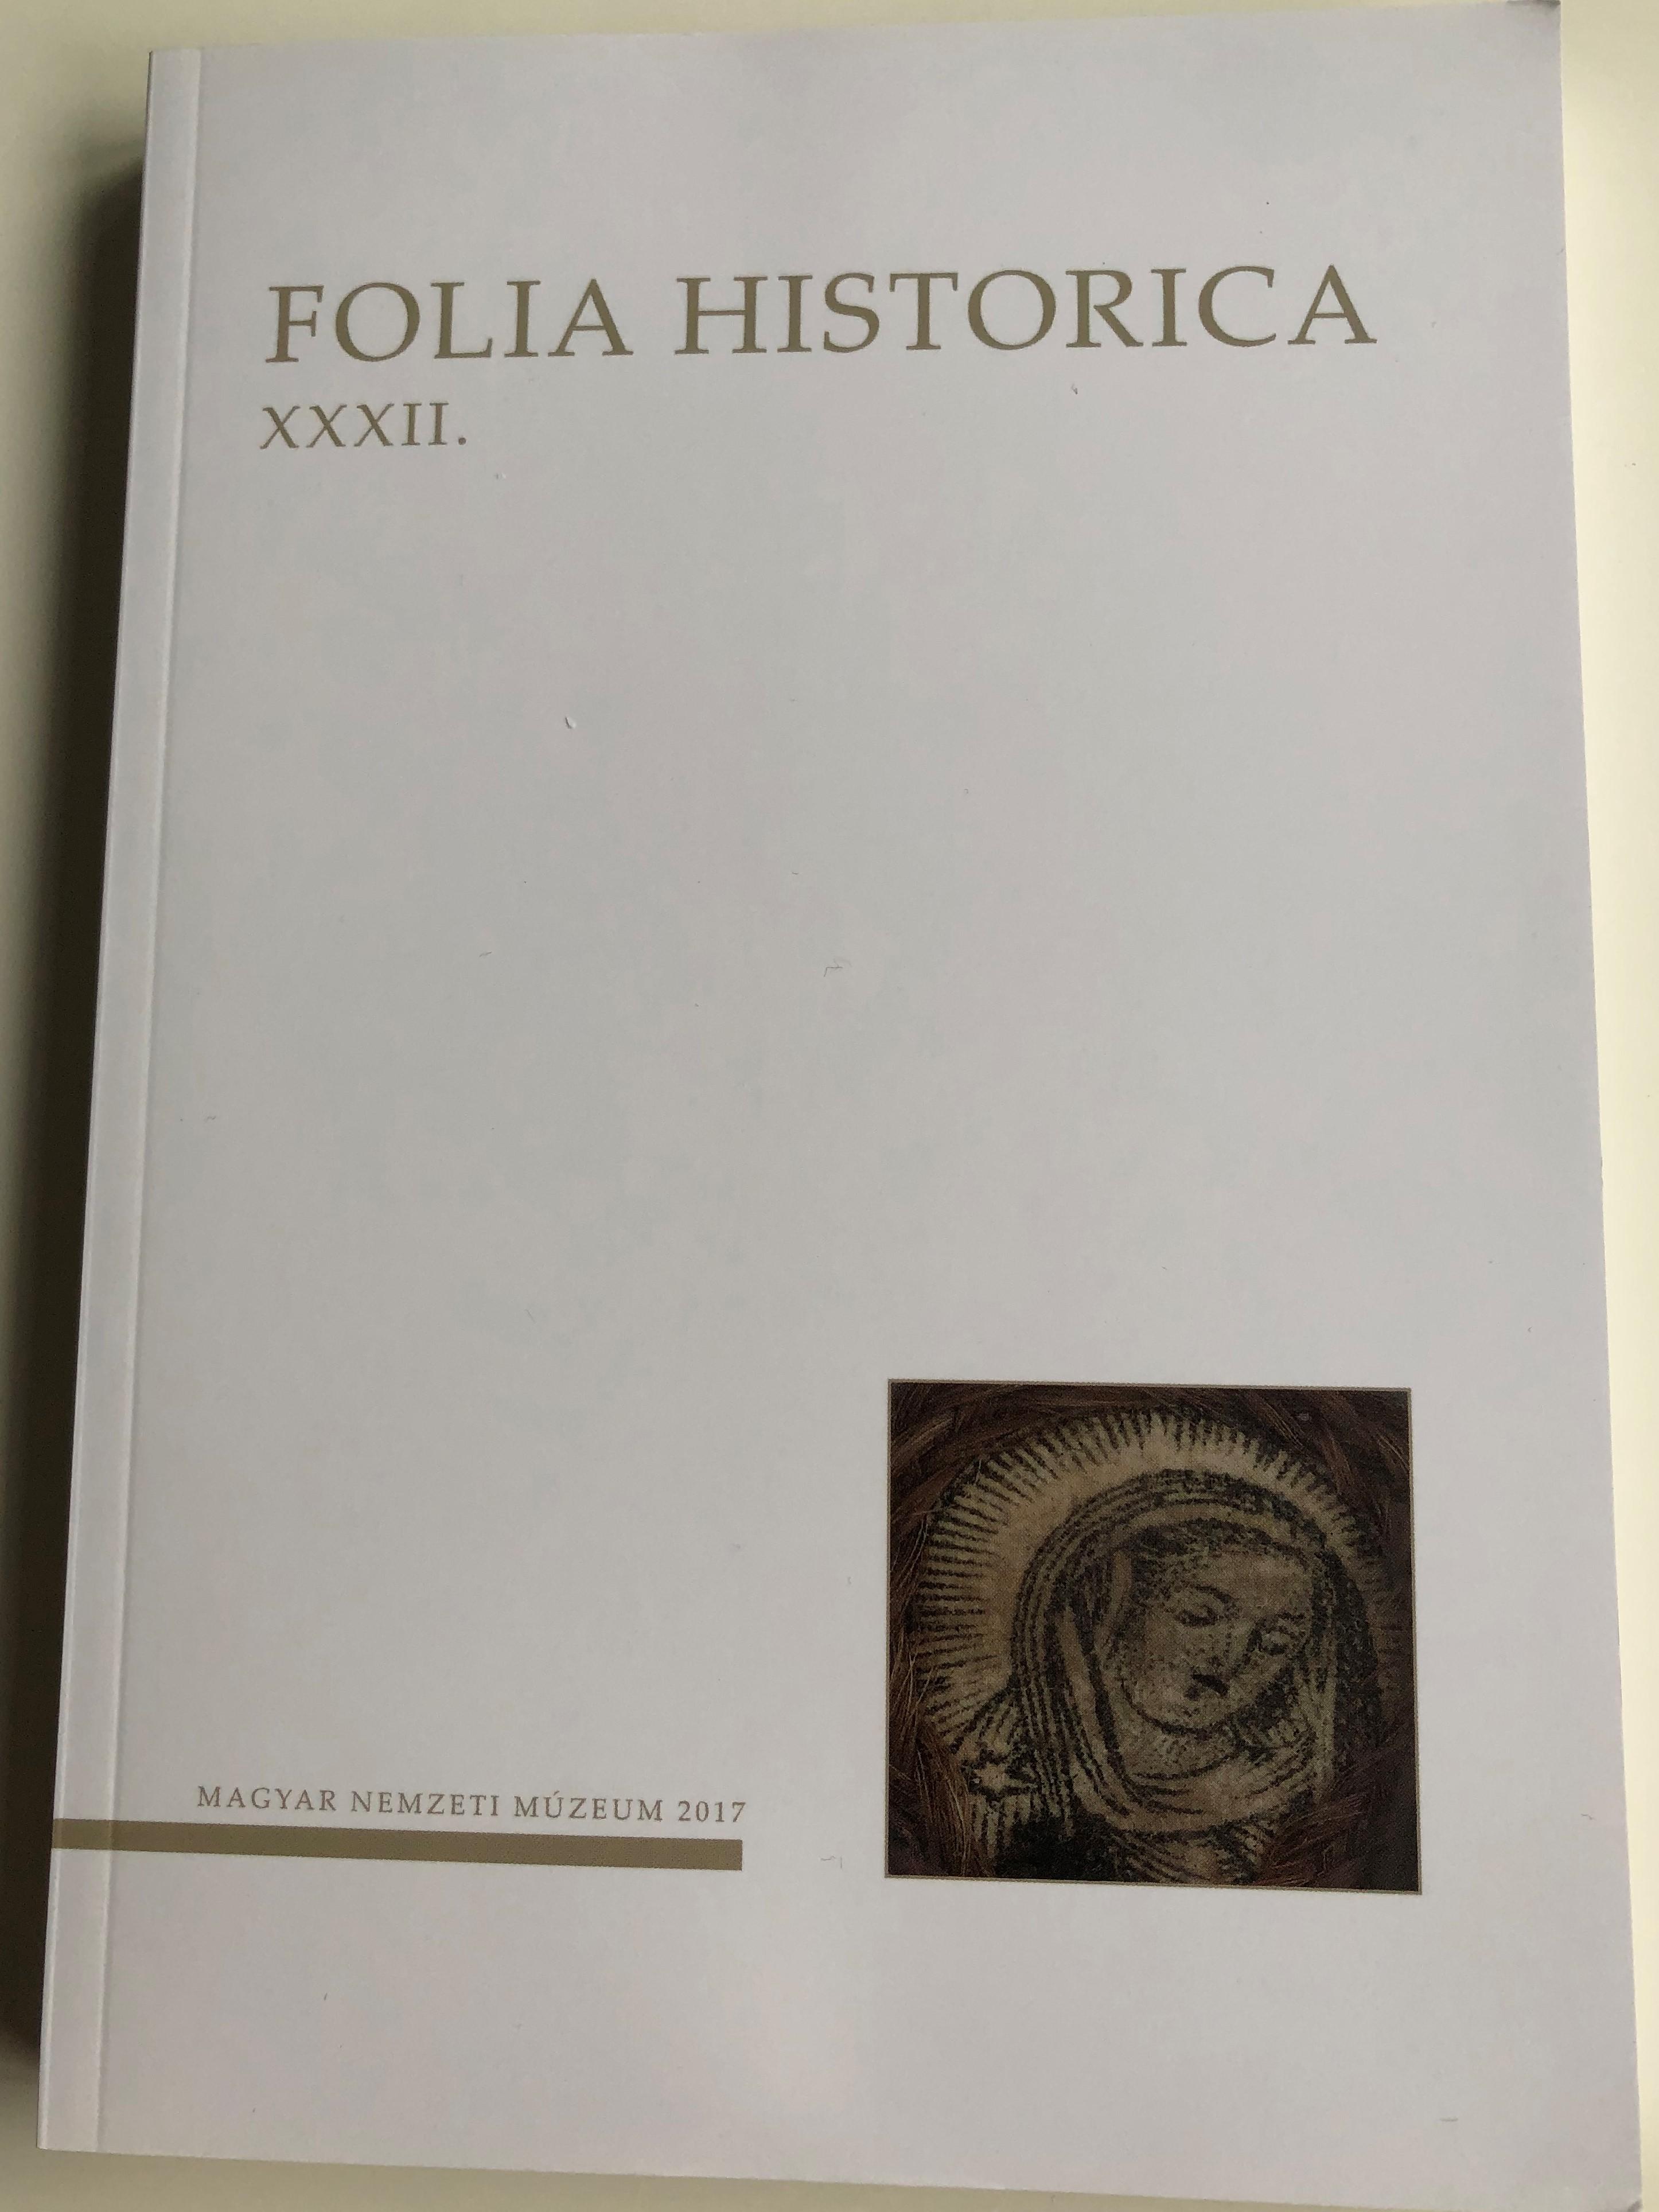 folia-historica-xxxii.-magyar-nemzeti-m-zeum-2017-1.jpg